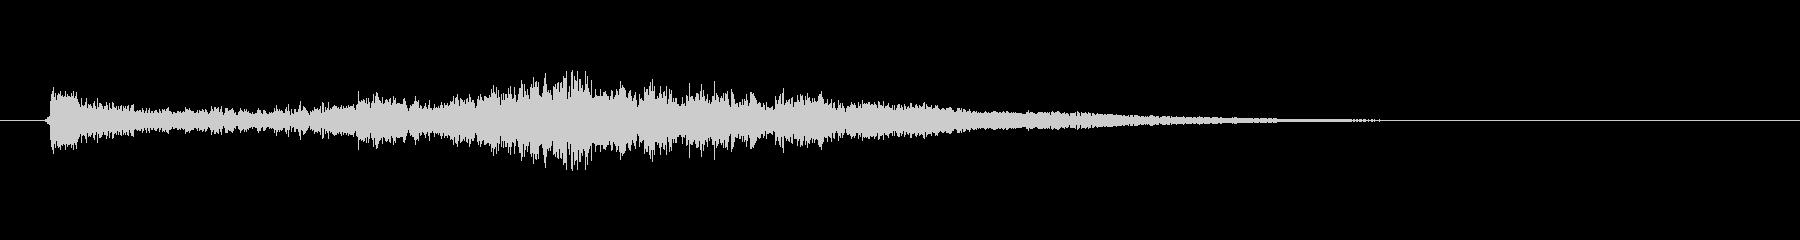 アコースティックギター-ギターロン...の未再生の波形